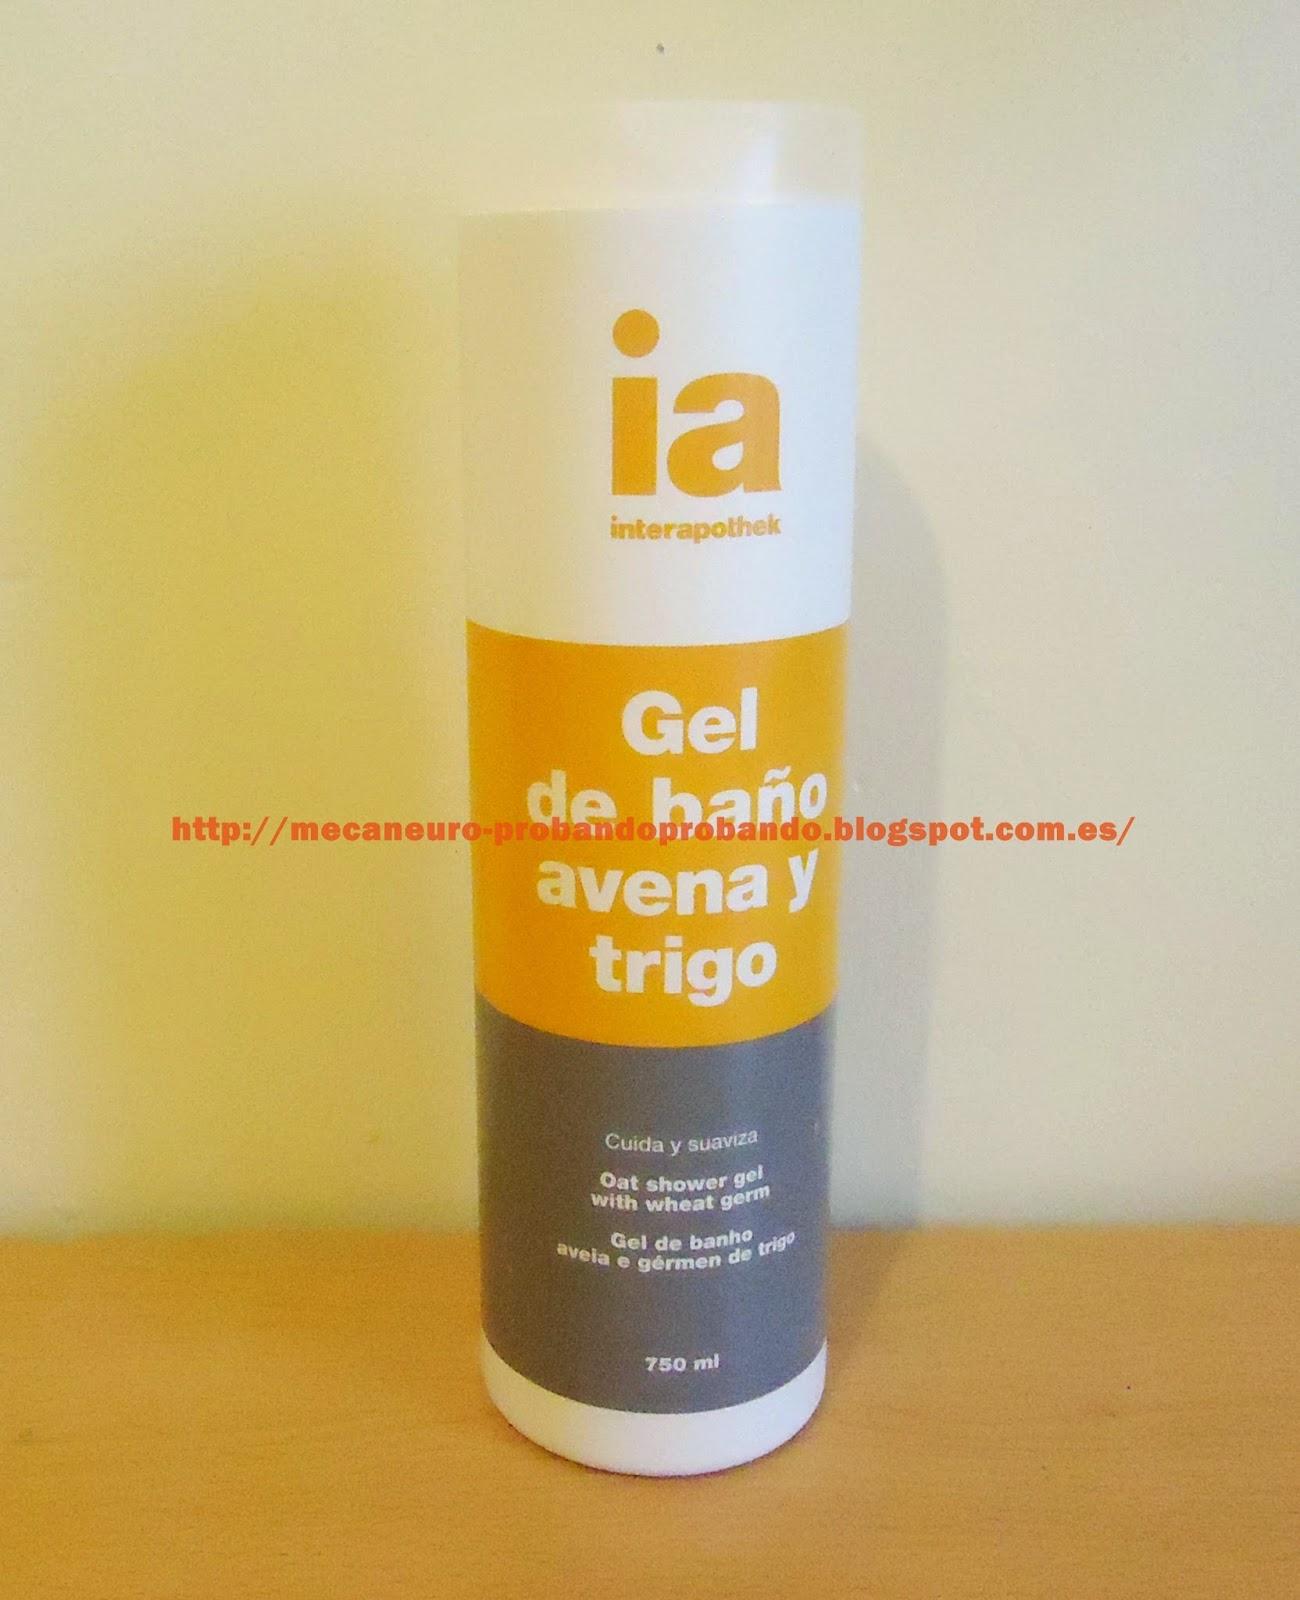 Gel de baño Interapothek Avena y Trigo